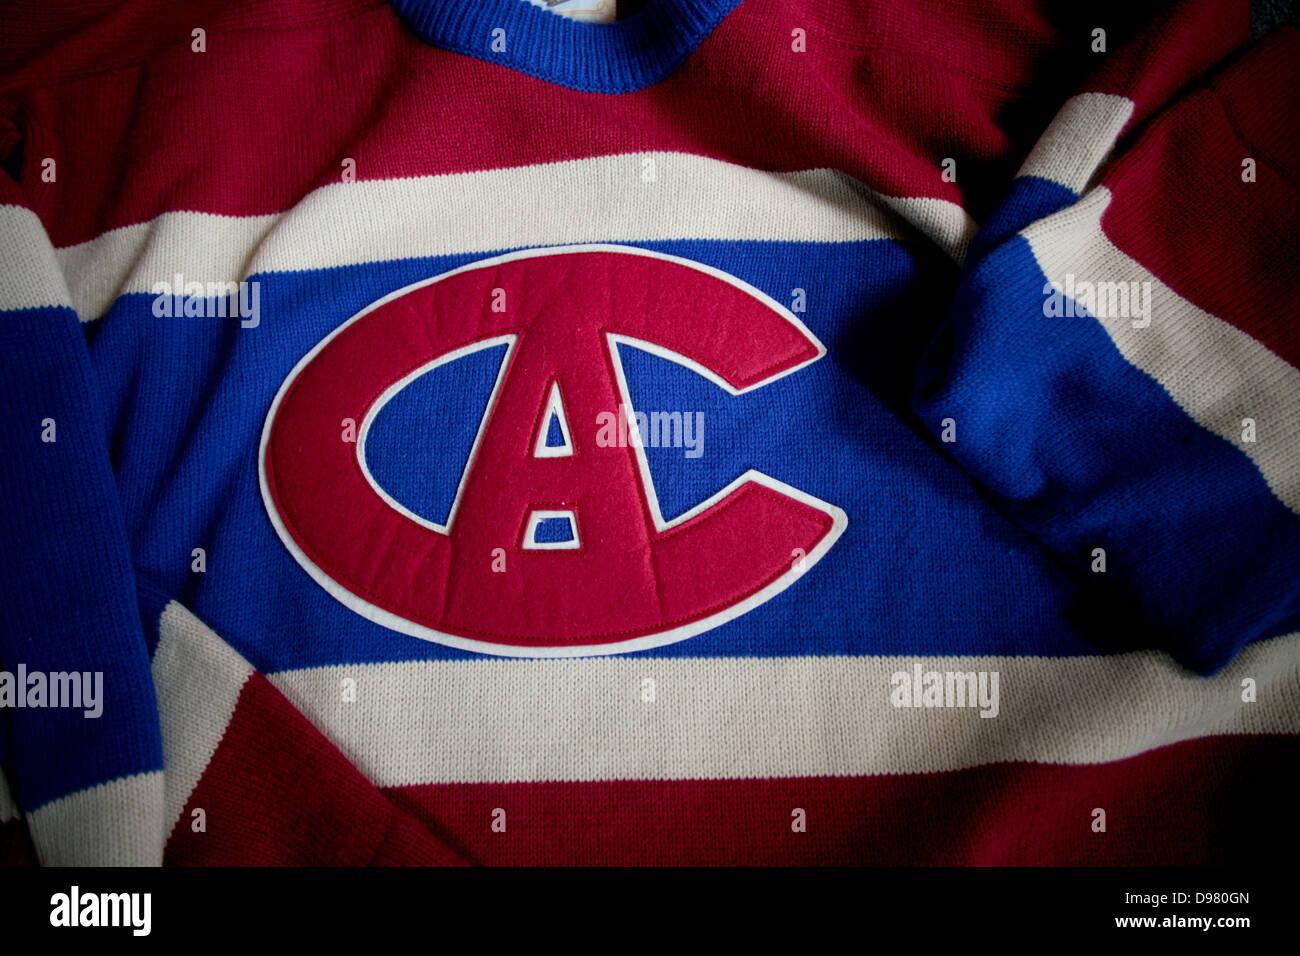 Un Chandail Des Canadiens De Montreal Vintage Jersey Photo Stock Alamy